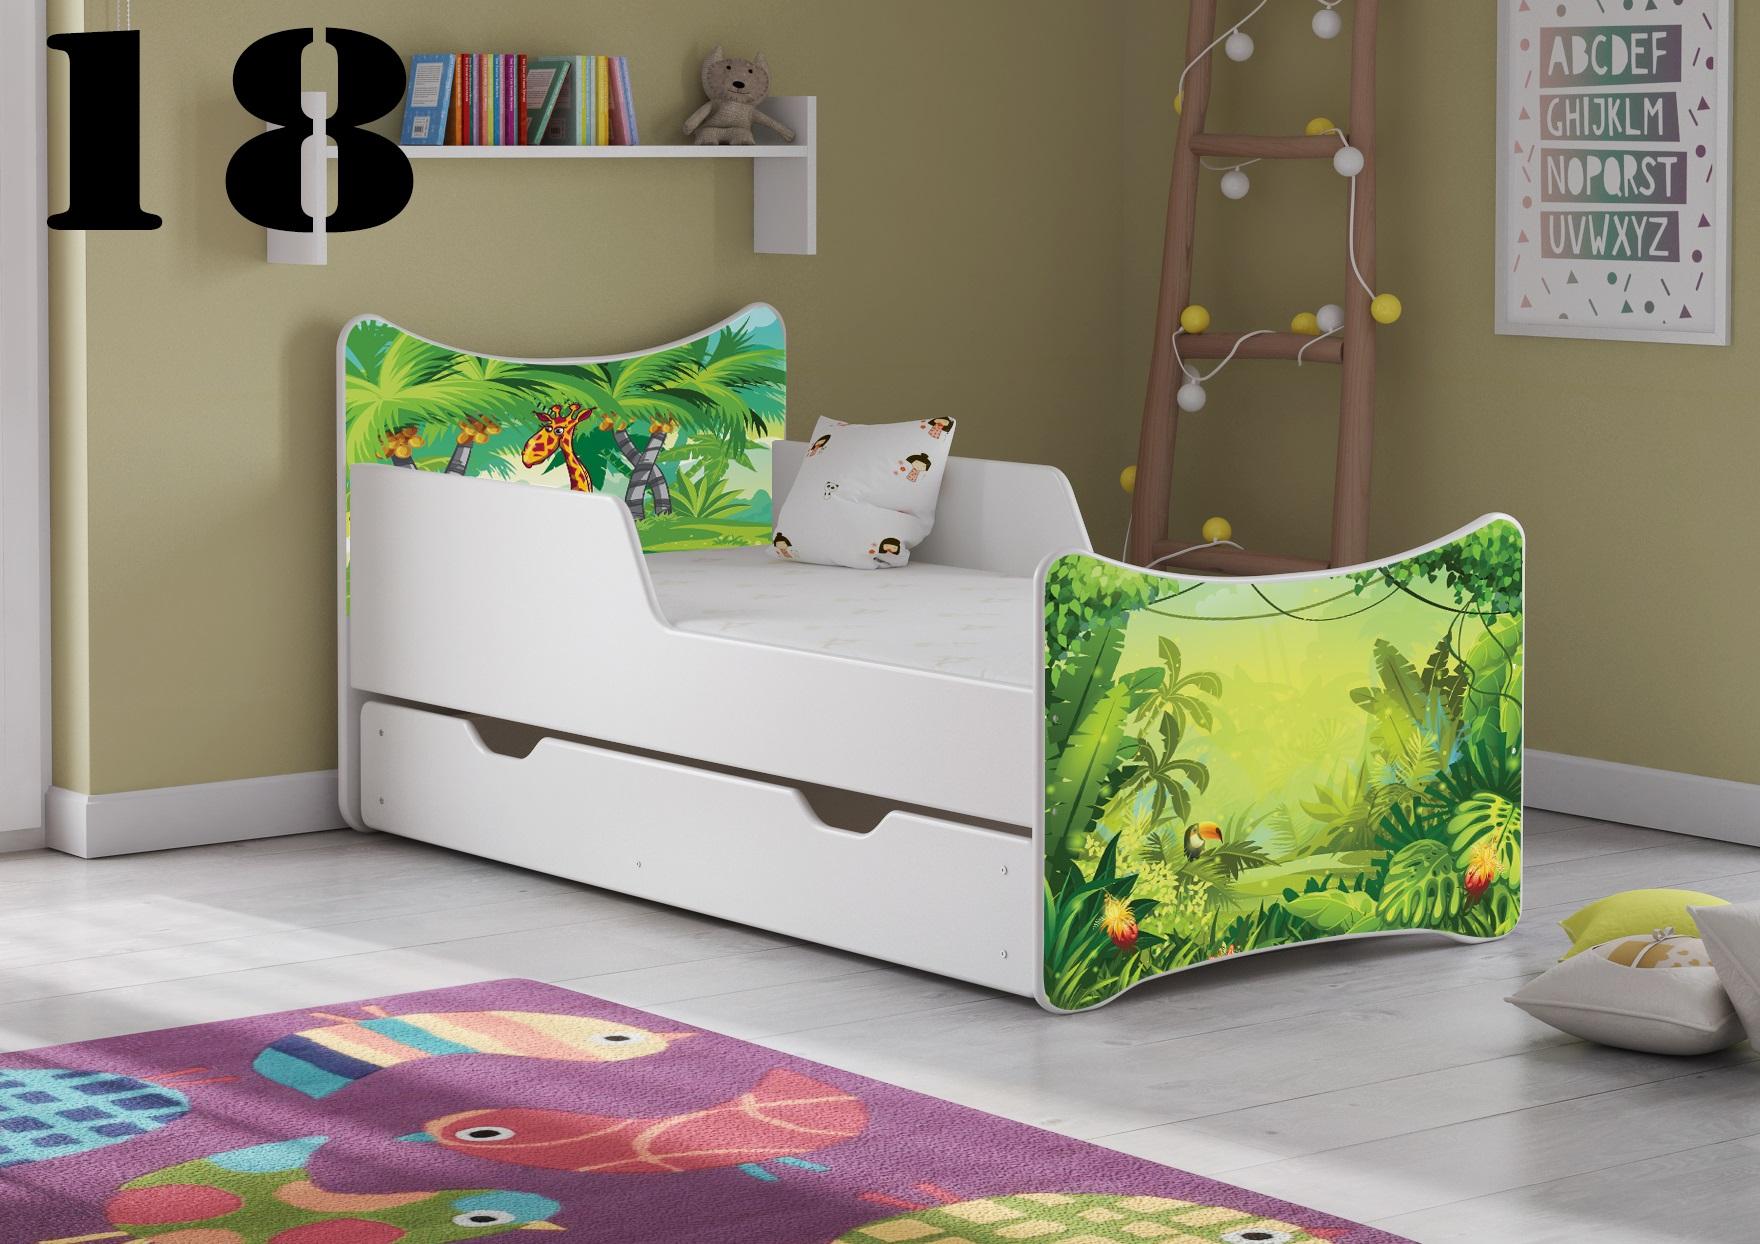 Detská posteľ SMB - zvieratá Prevedenie: Obrázok č.18